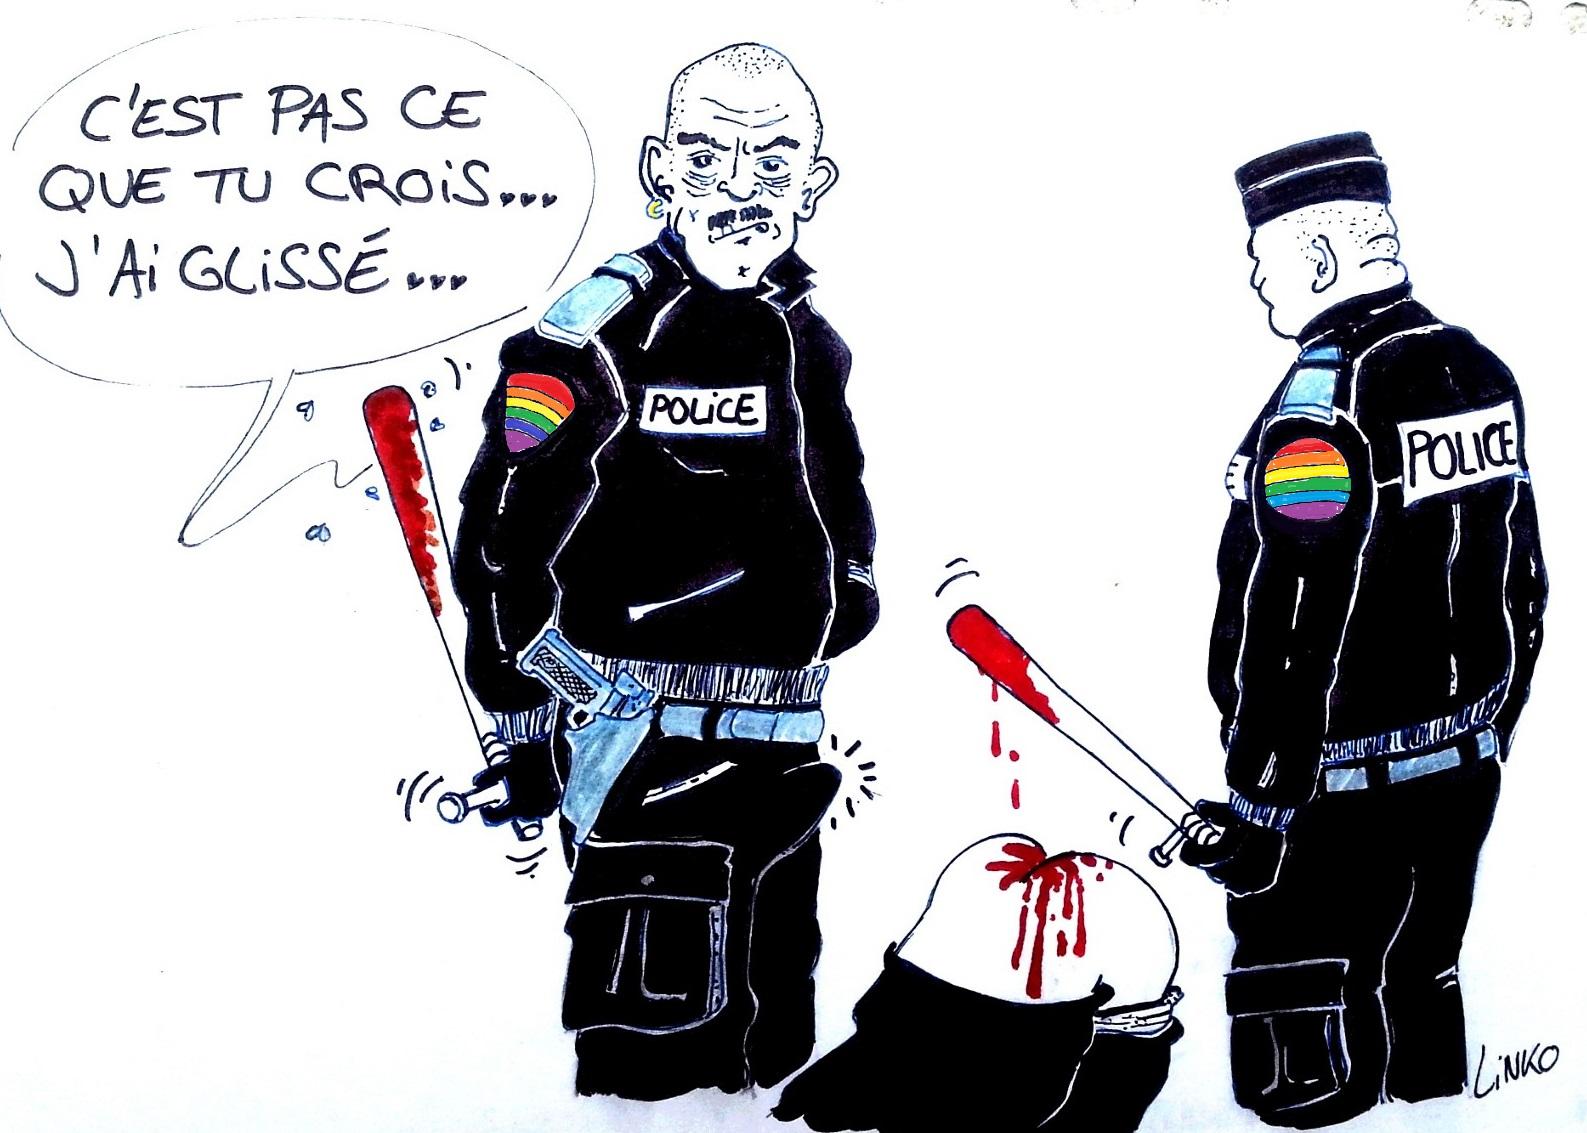 Les dessins de la semaine egalite et r conciliation - Dessin de police ...